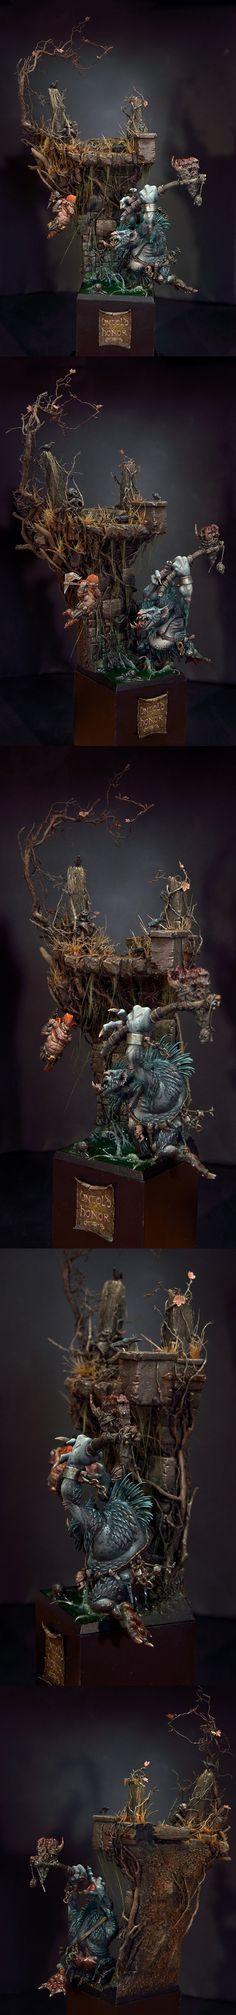 Untold Honor - Slayer Sword Golden Demon Germany 2012